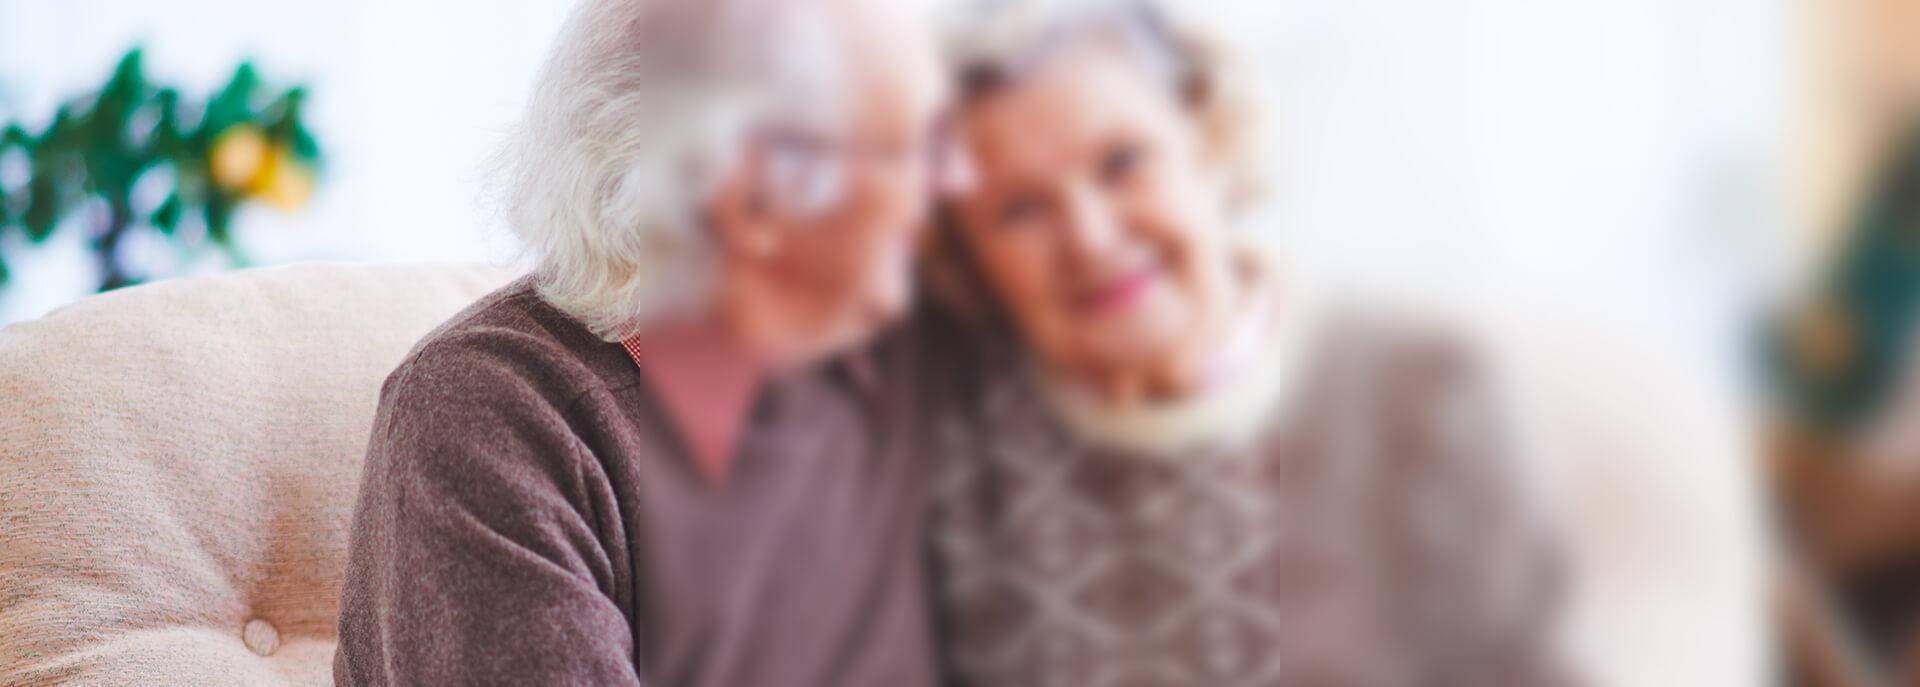 Malattia di Alzheimer e nuovi approcci diagnostici: la stimolazione dei circuiti celebrali e il volume dell'ippocampo